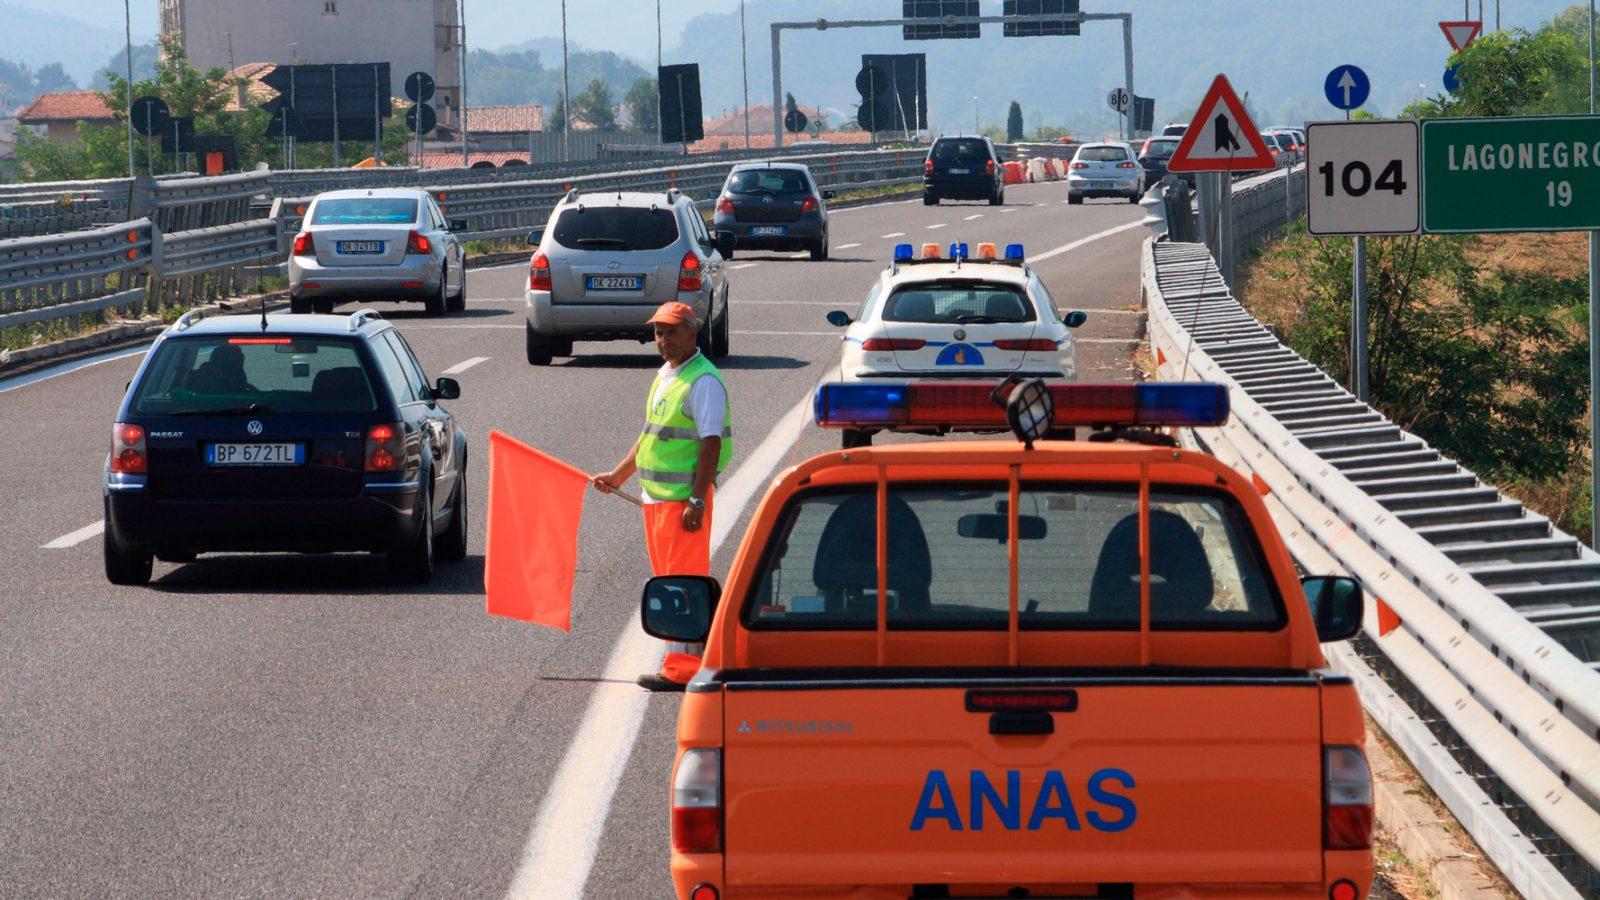 A3 autostrada Salerno-Reggio Calabria, personale Anas impegnato nella gestione della viabilità (Archivio storico Anas)